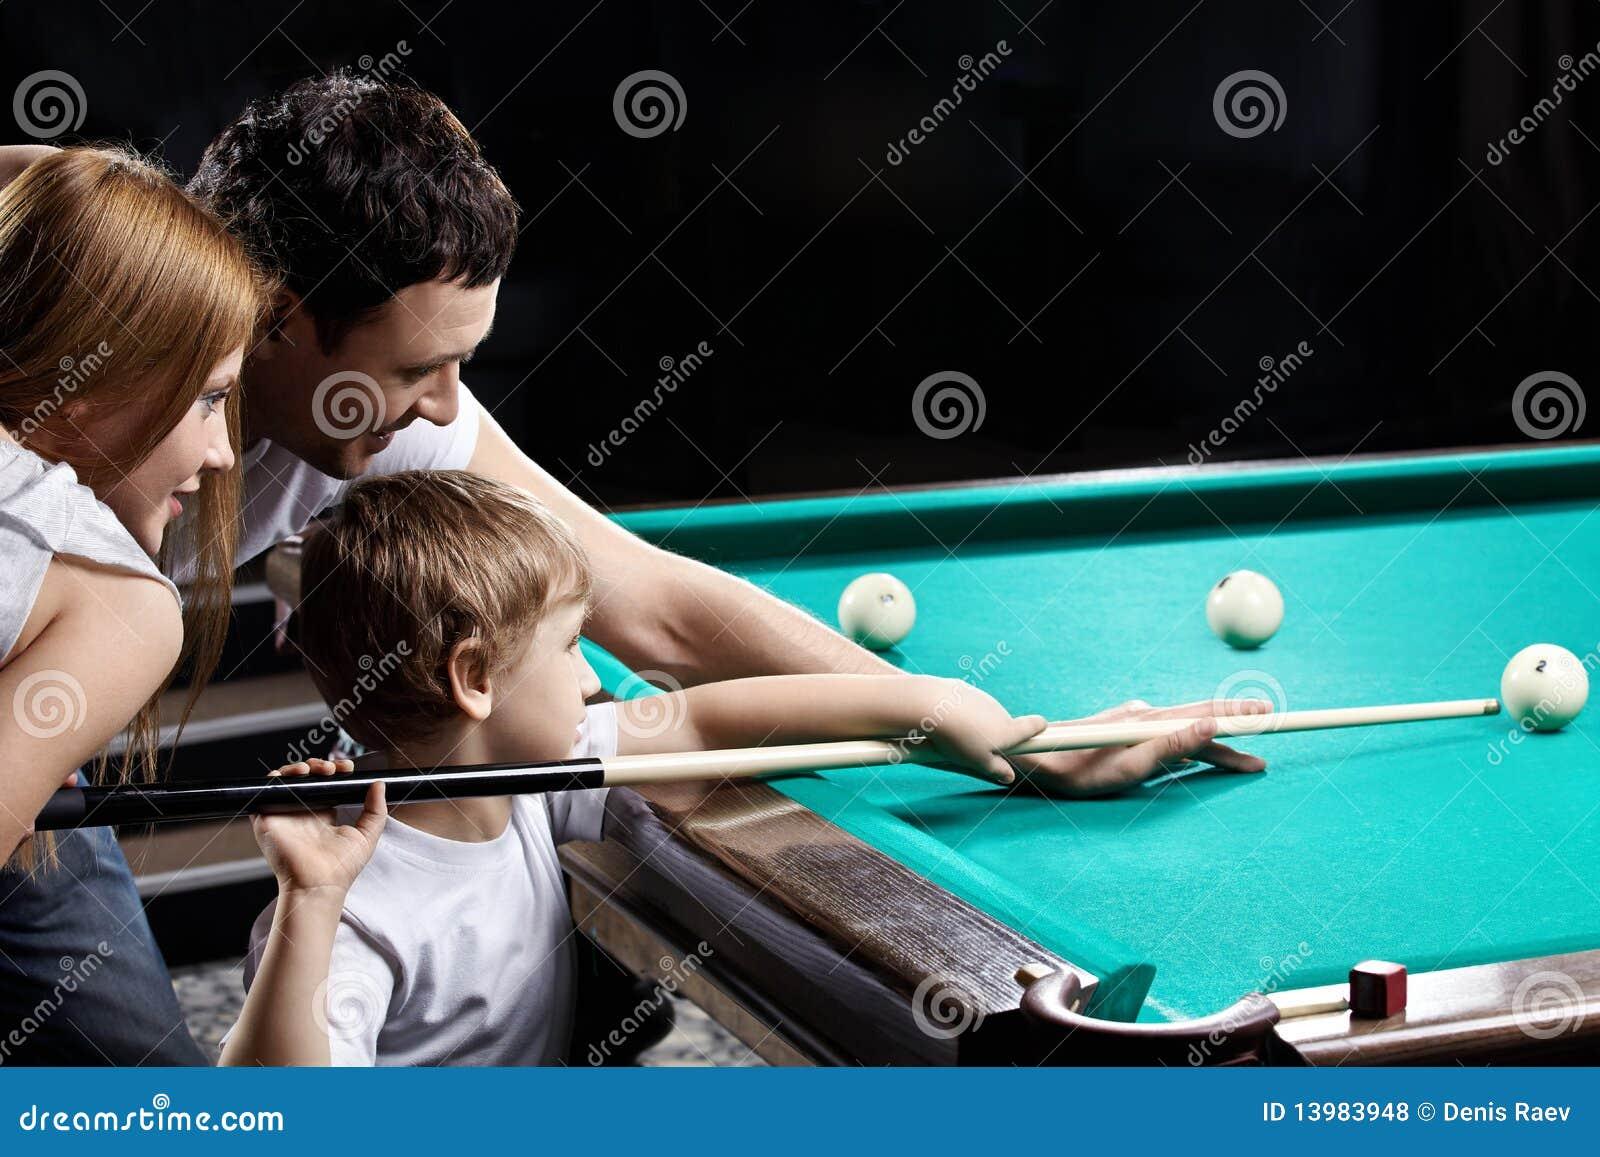 Учил девку играть в бильярд и 17 фотография